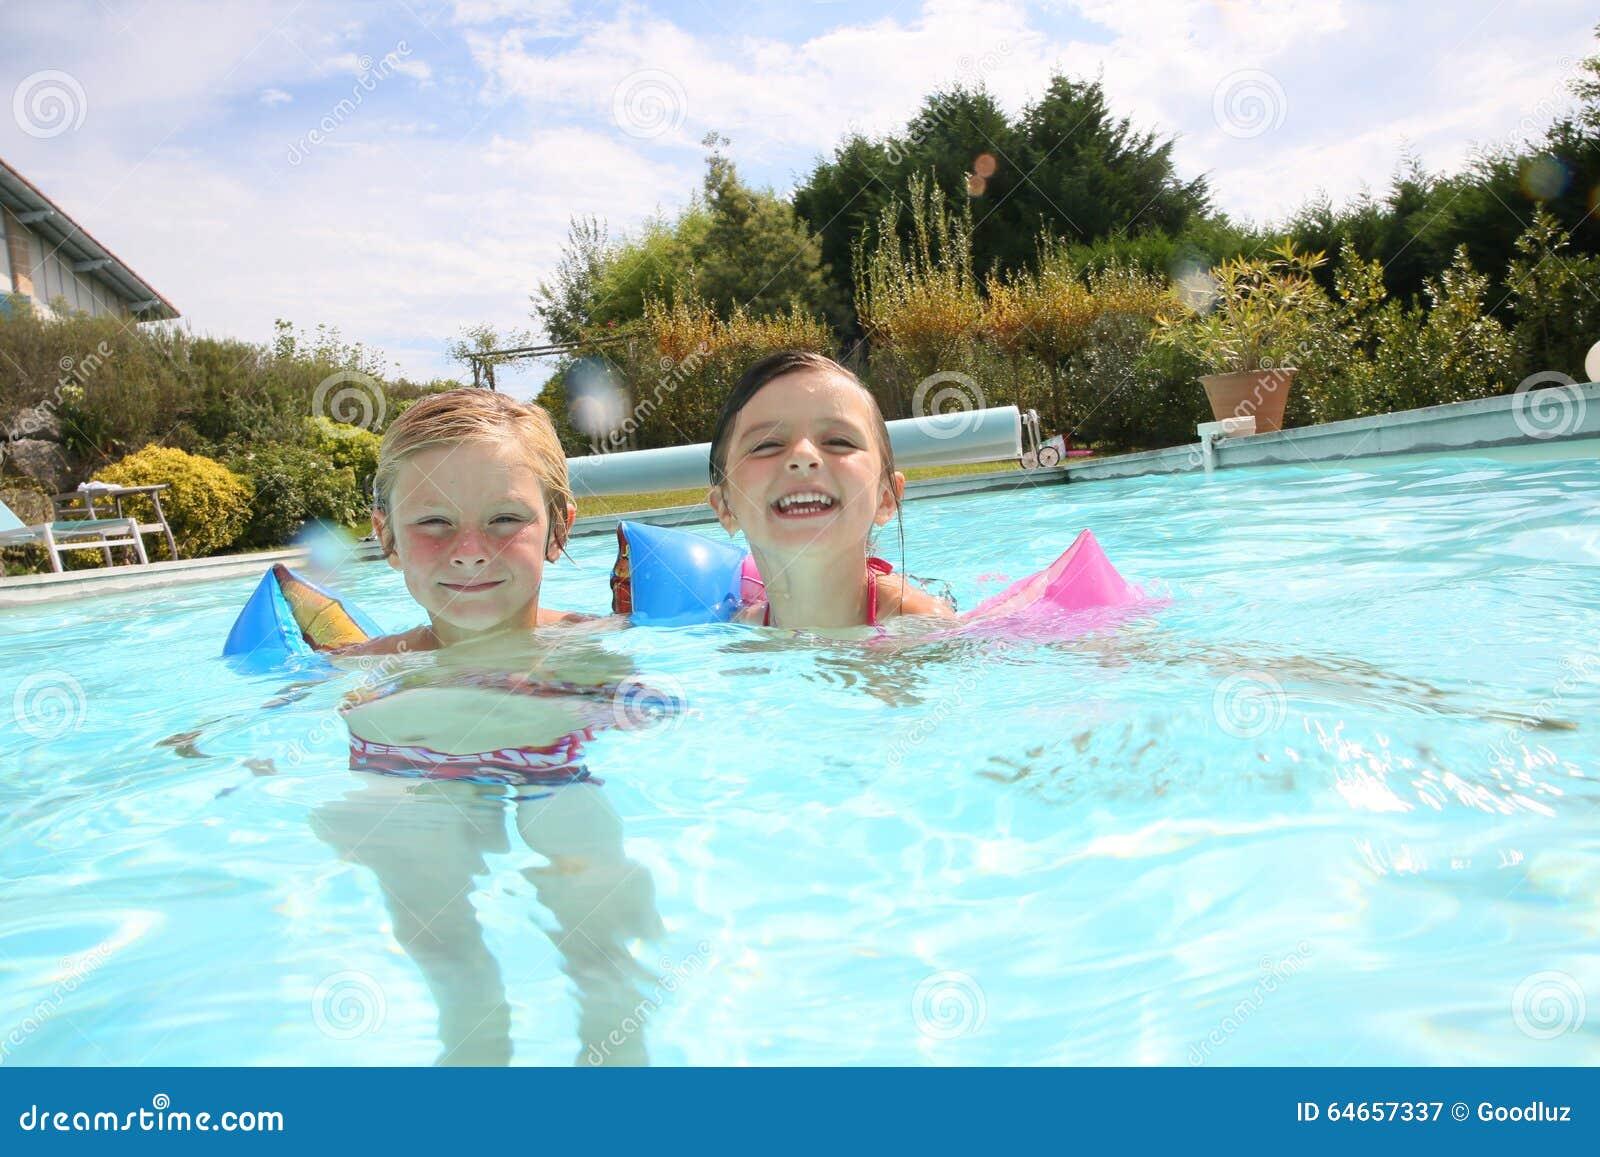 Kids Enjoying Swimming Pool Stock Photo - Image: 64657337